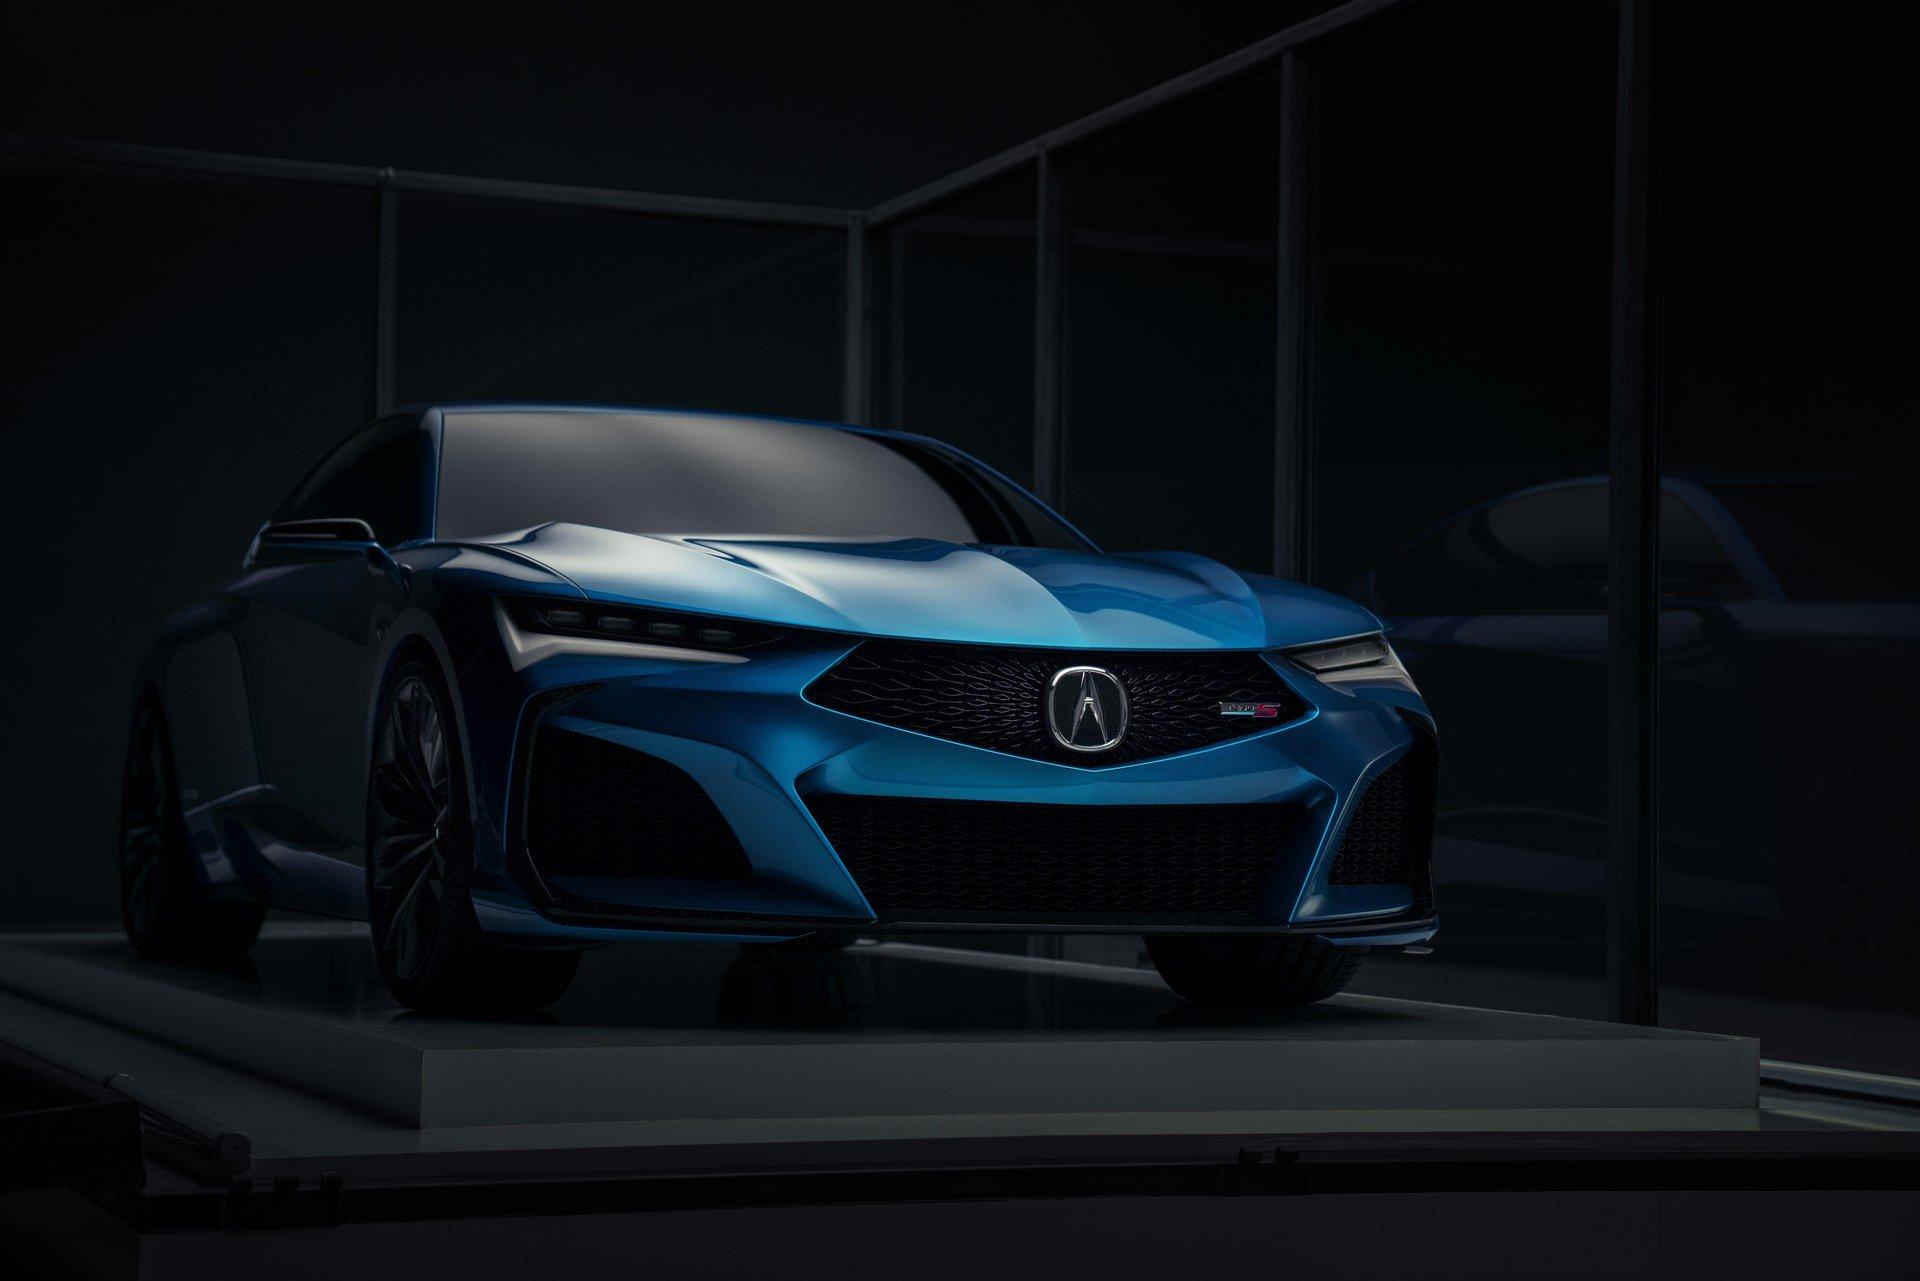 Acura-Type-S-Concept-6